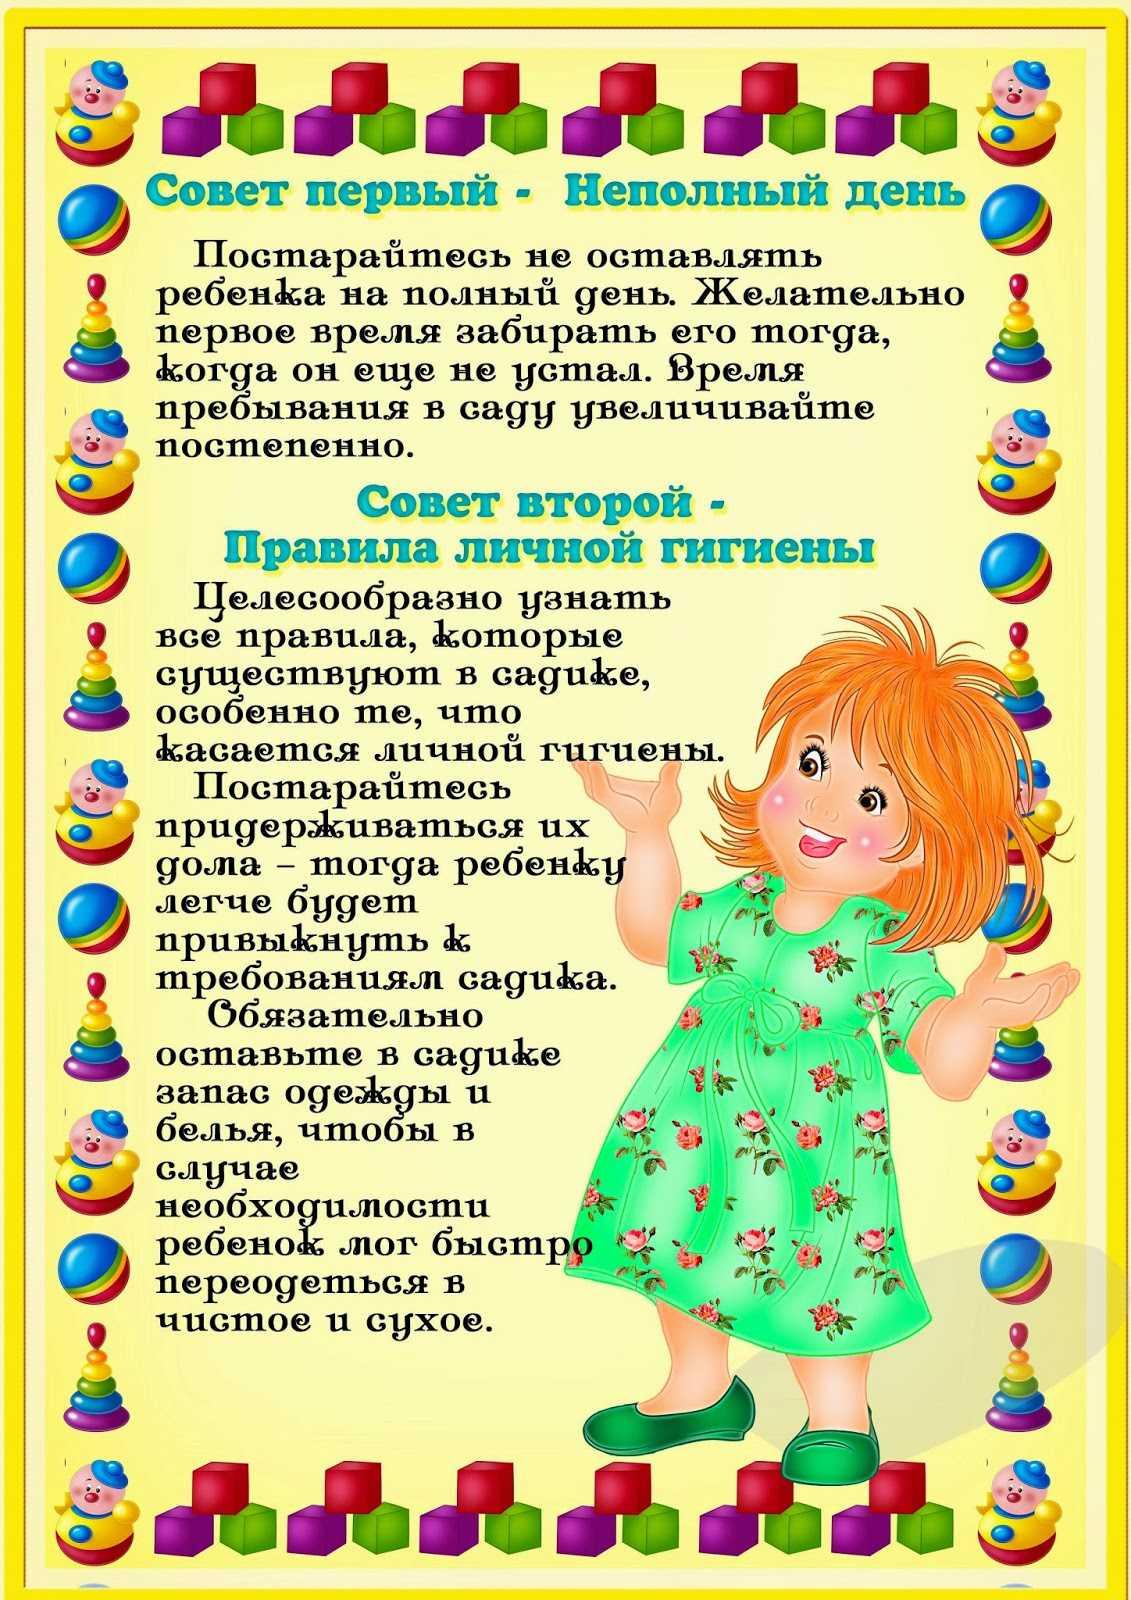 адаптация ребенка в детском саду: ее виды, советы и рекомендации для успешного привыкания малыша к условиям детского сада